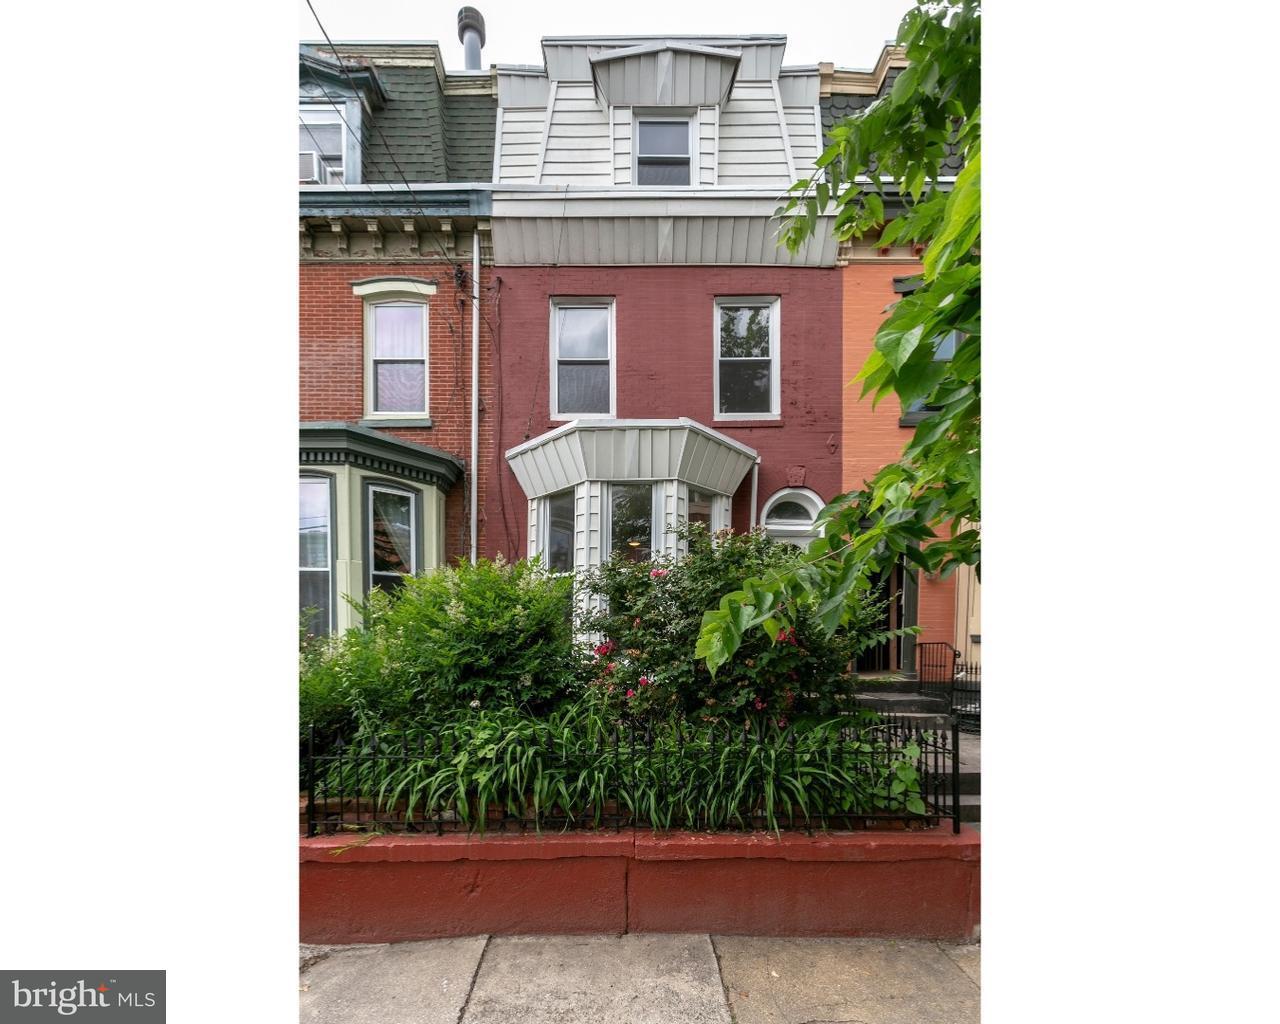 Maison unifamiliale pour l Vente à 2207 BAINBRIDGE Street Philadelphia, Pennsylvanie 19146 États-Unis